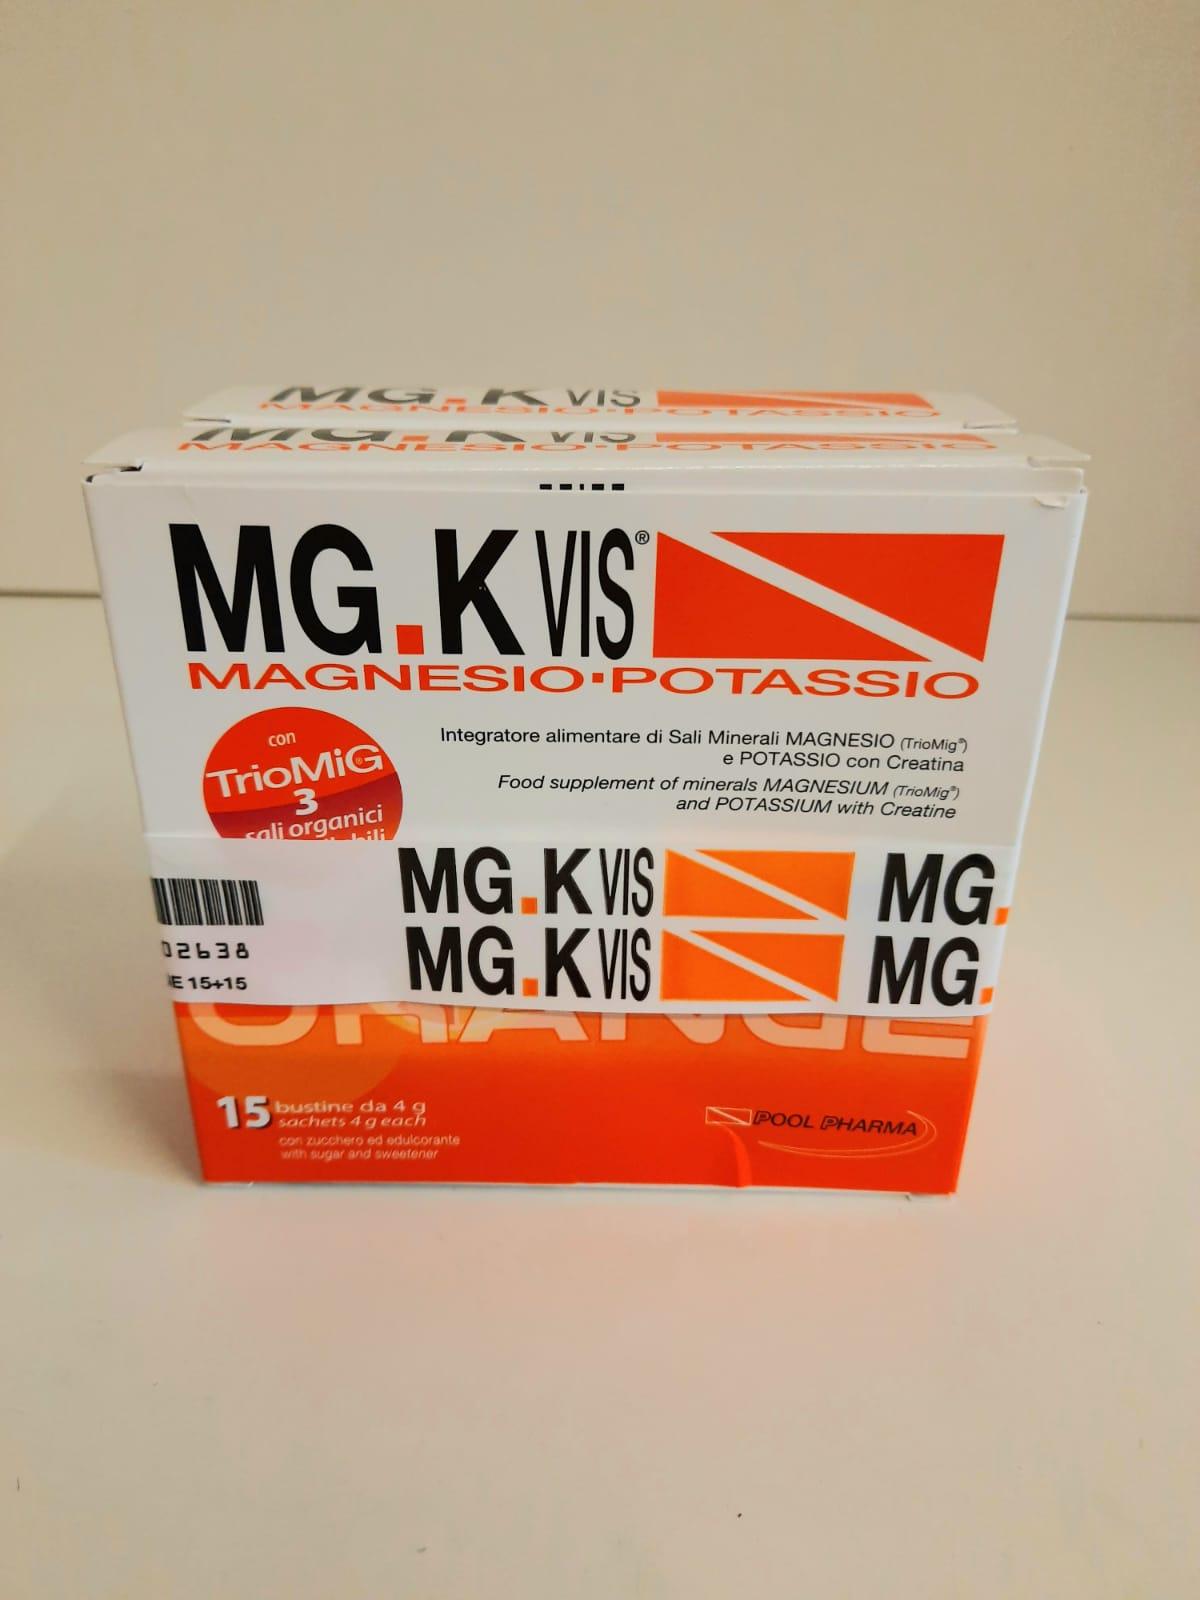 comfezione di Integratore Mg.K vis